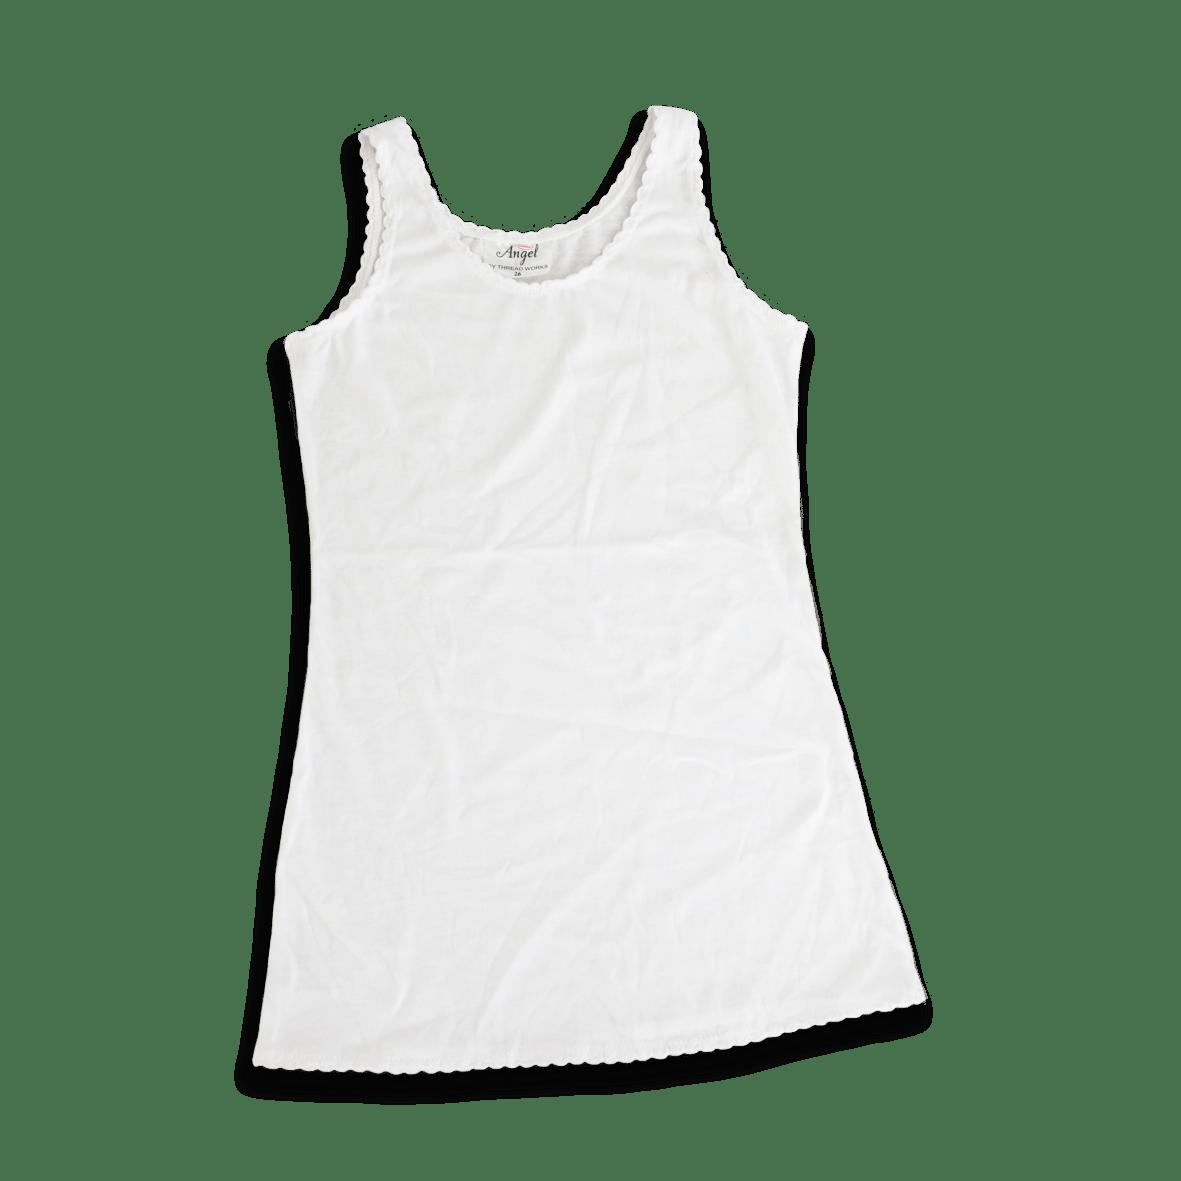 Velona Angel Ladies Cotton Petticoat